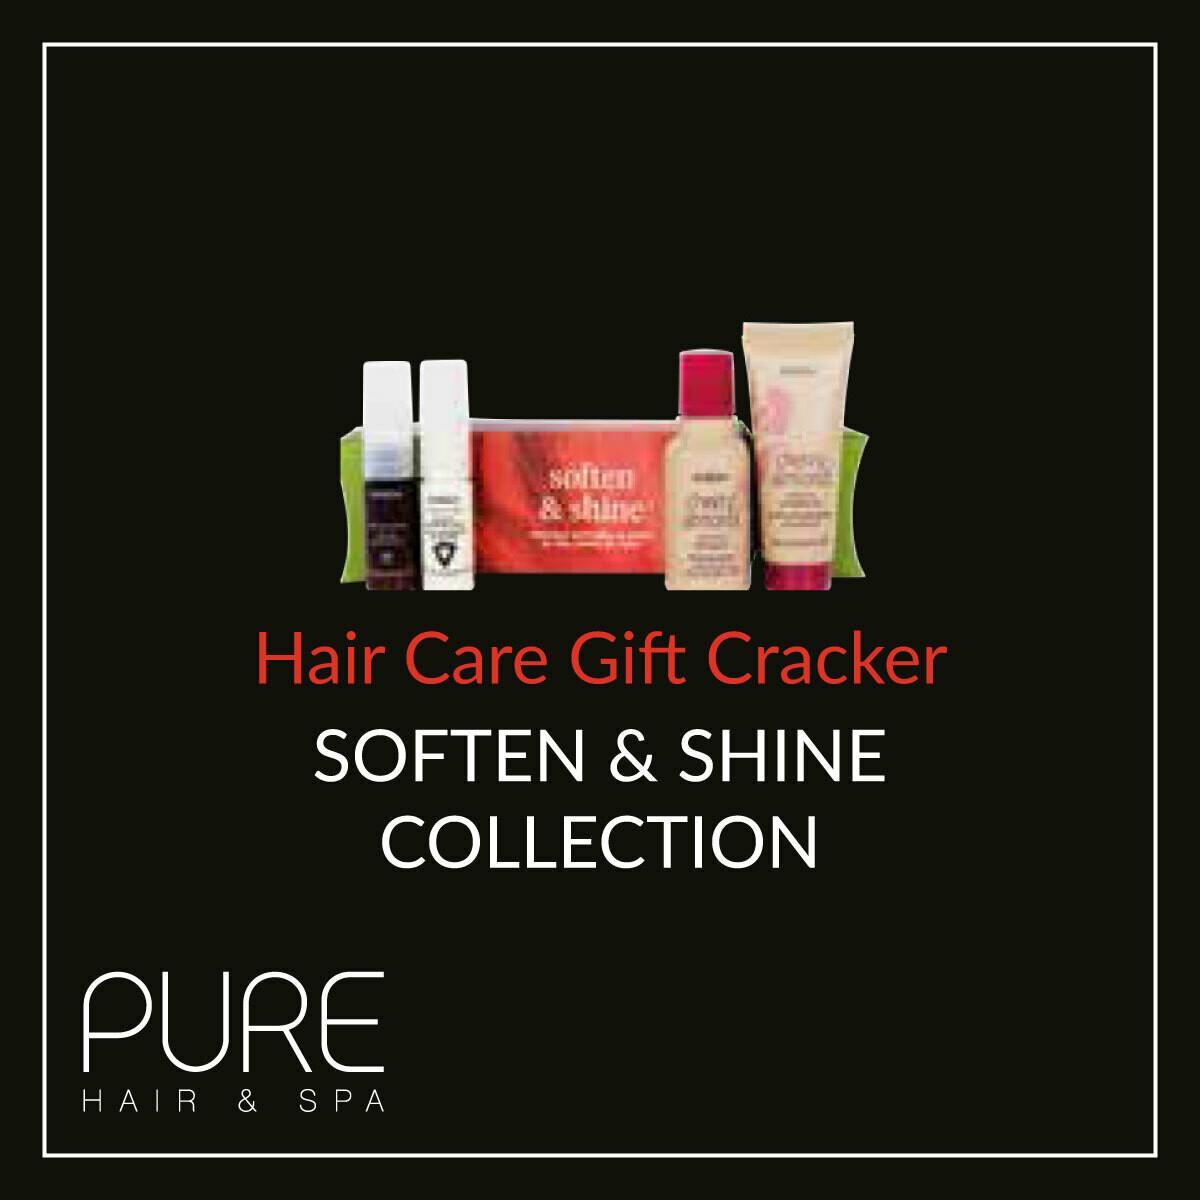 Aveda Soften & Shine Hair Care Gift Cracker.